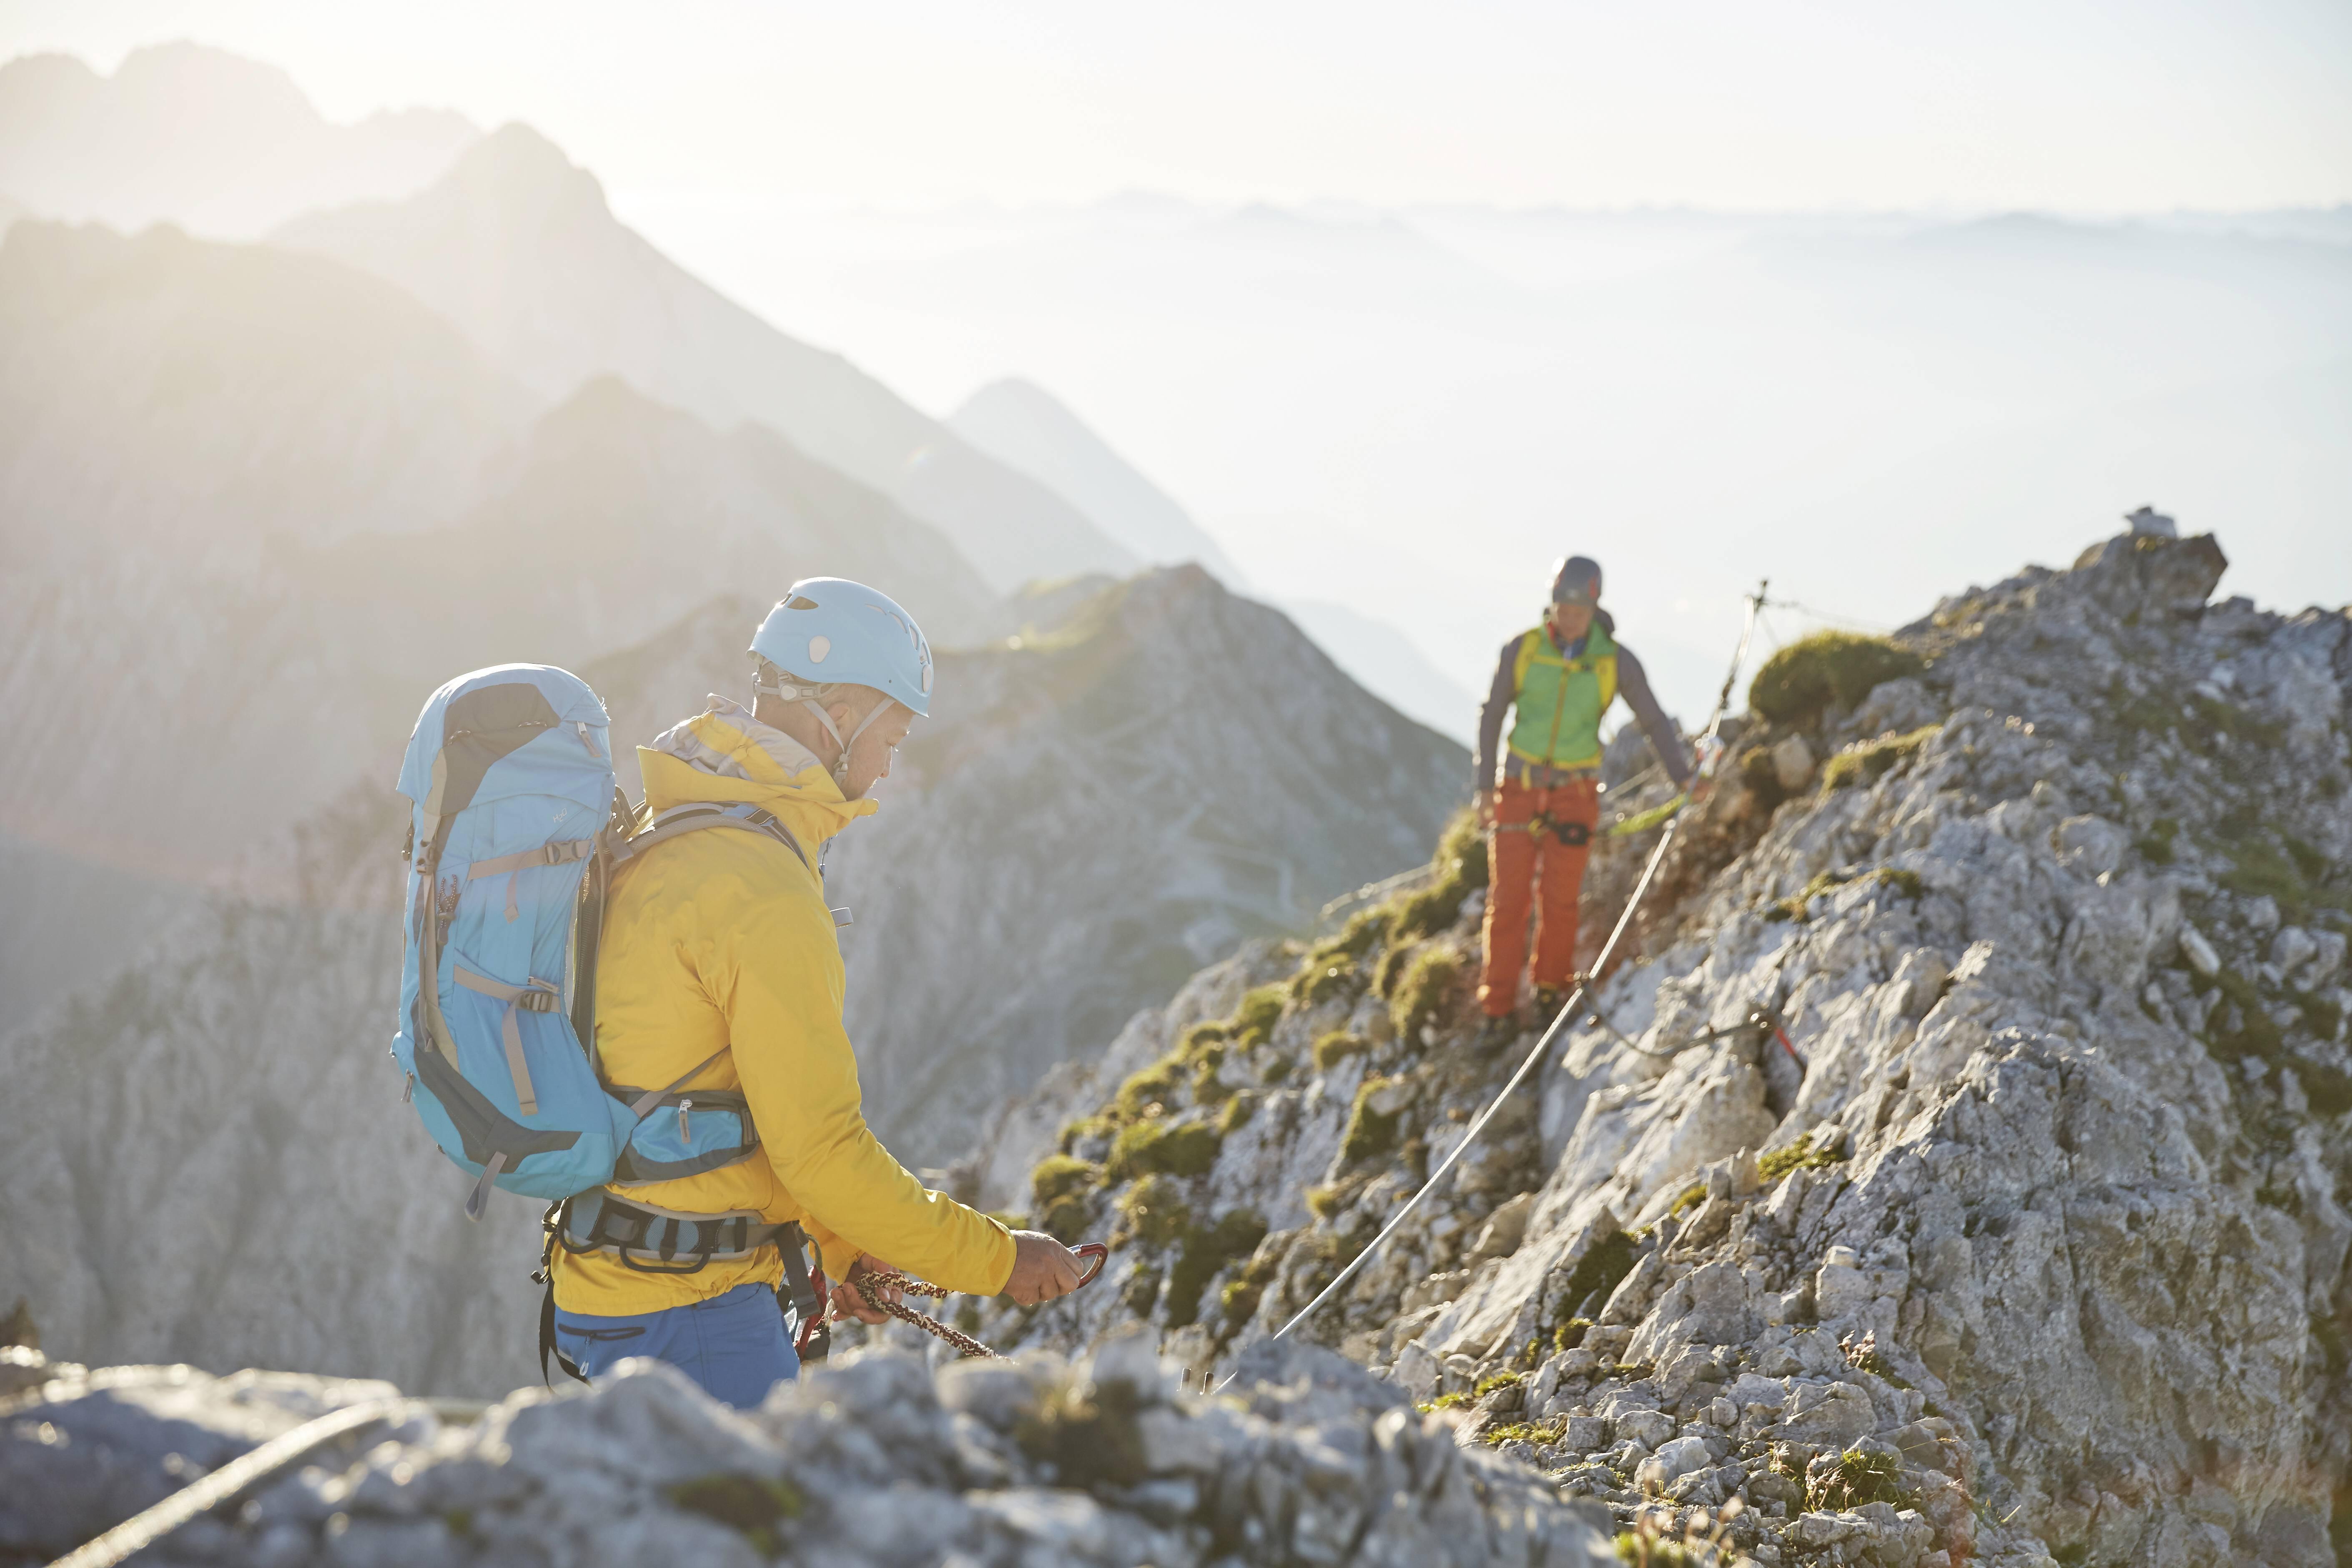 Klettersteigset Im Test : Test petzl klettersteigset scorpio vertigo kinderoutdoor